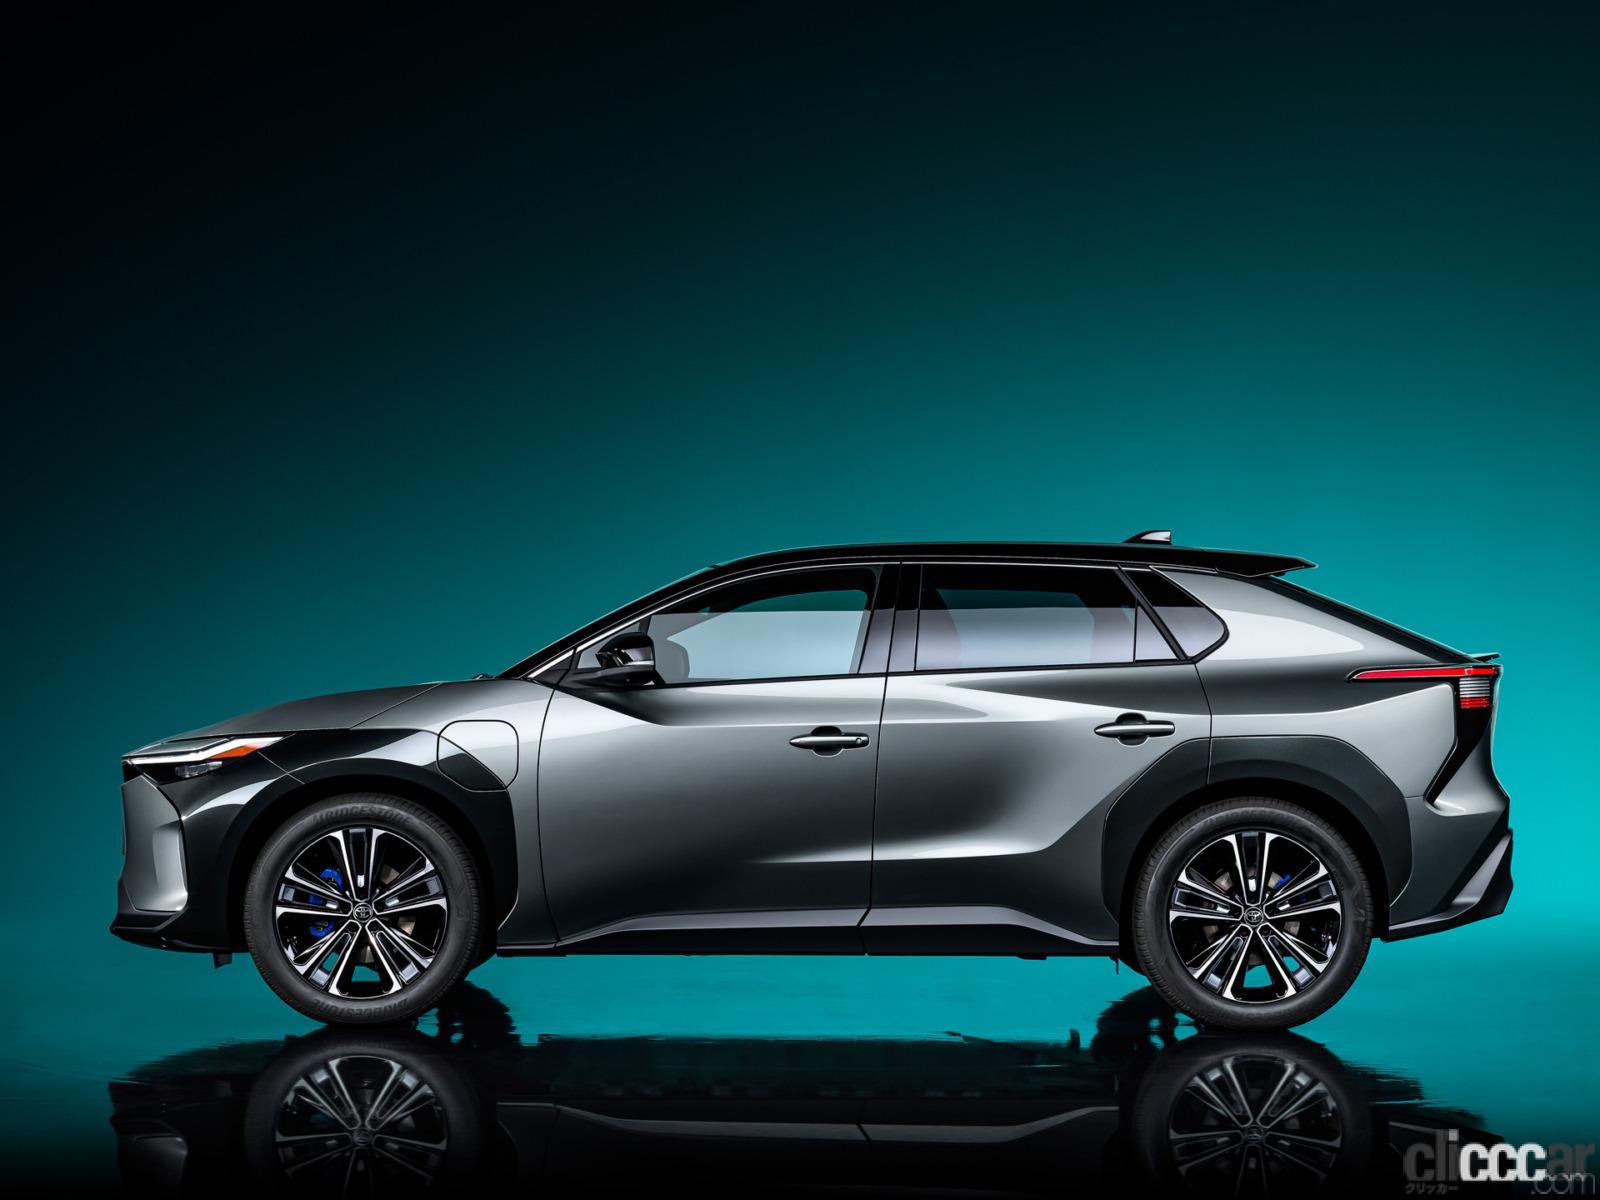 「トヨタ2022年発売の電気自動車「bZ4X」は10年後でも電池容量90%確保!EVのリセールバリューは悪くなくなる【週刊クルマのミライ】」の4枚目の画像